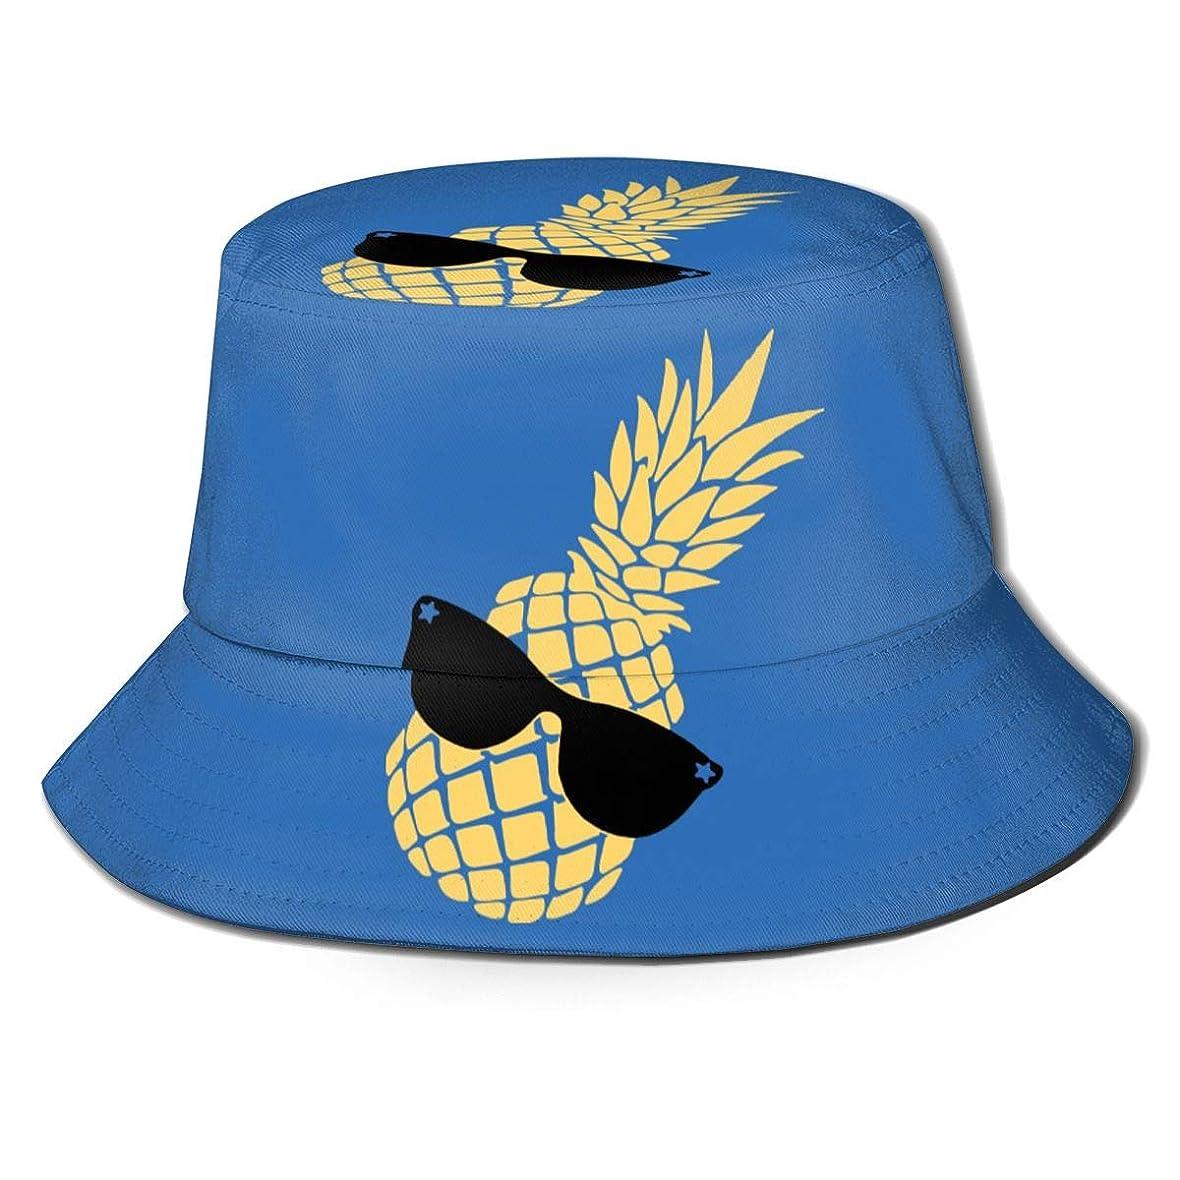 電気的冊子天窓パイナップル サングラス 熱帯 フルーツ ユニセックス漁師の帽子,軽量、通気性、そして折りたたみ式。 顔を変更するシンプルでクラシックな、紫外線からあなたの肌を保護します。